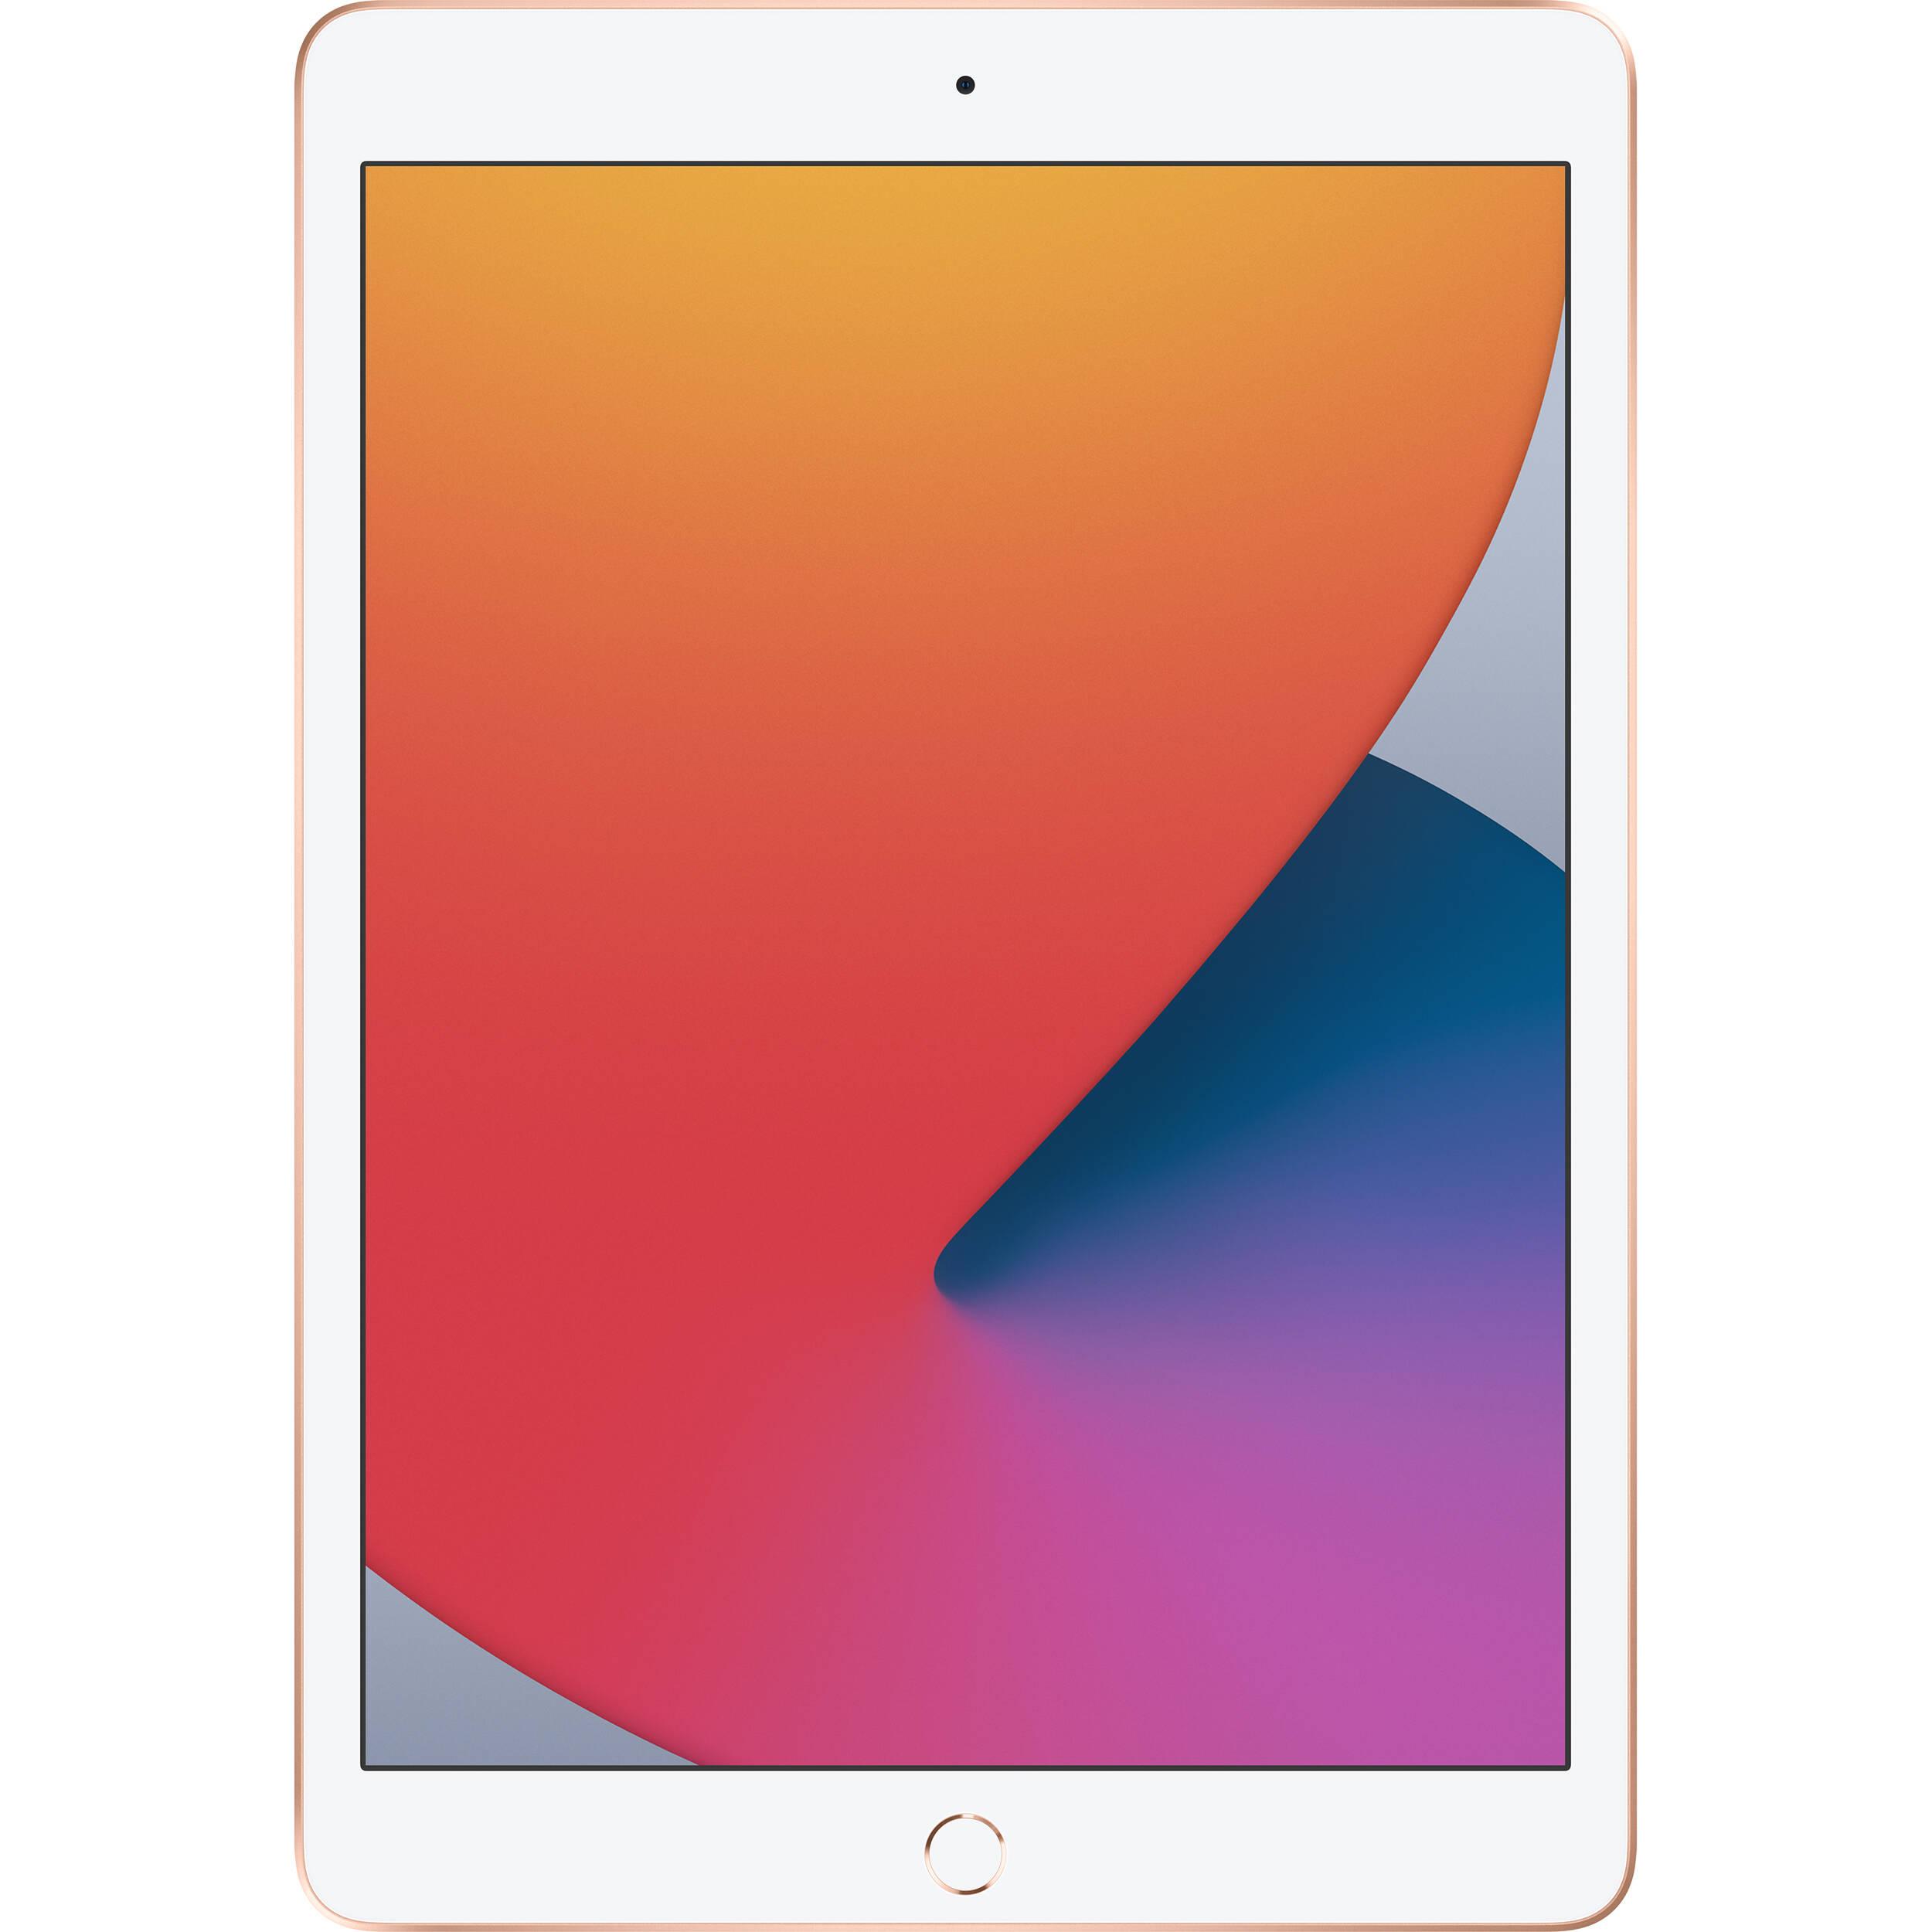 تبلت اپل مدل iPad 10.2 inch 2020 WiFi ظرفیت 32 گیگابایت  main 1 3